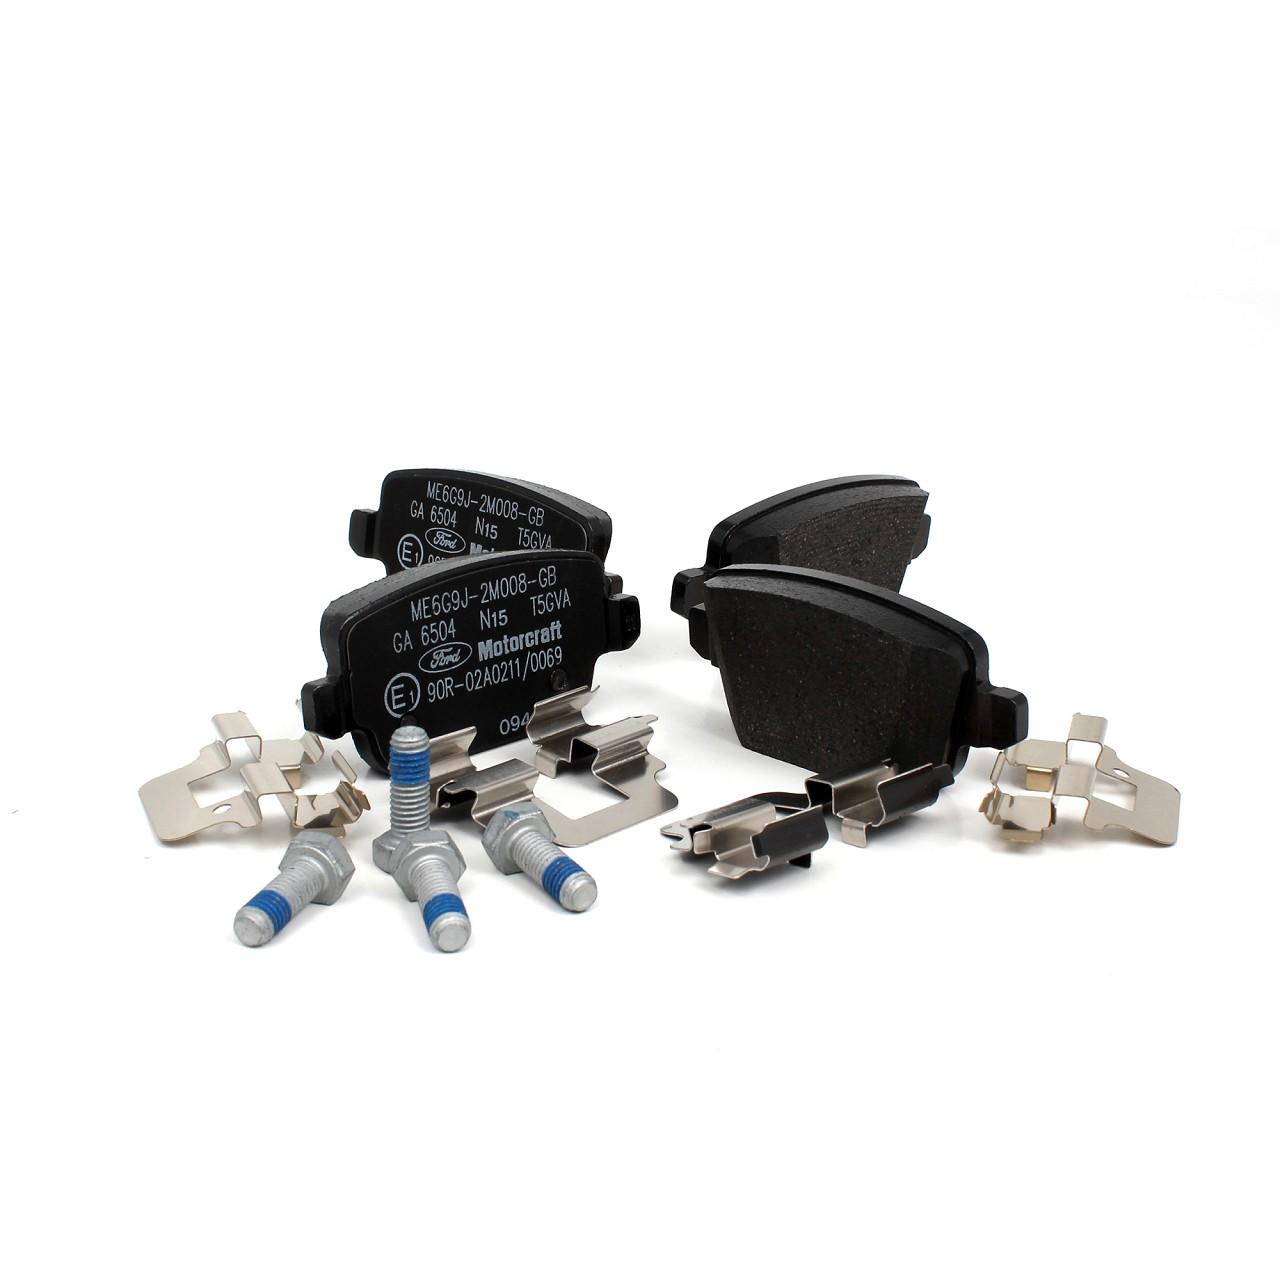 ORIGINAL Ford Bremsen Kit Bremsscheiben + Beläge MONDEO IV MK4 vorne + hinten